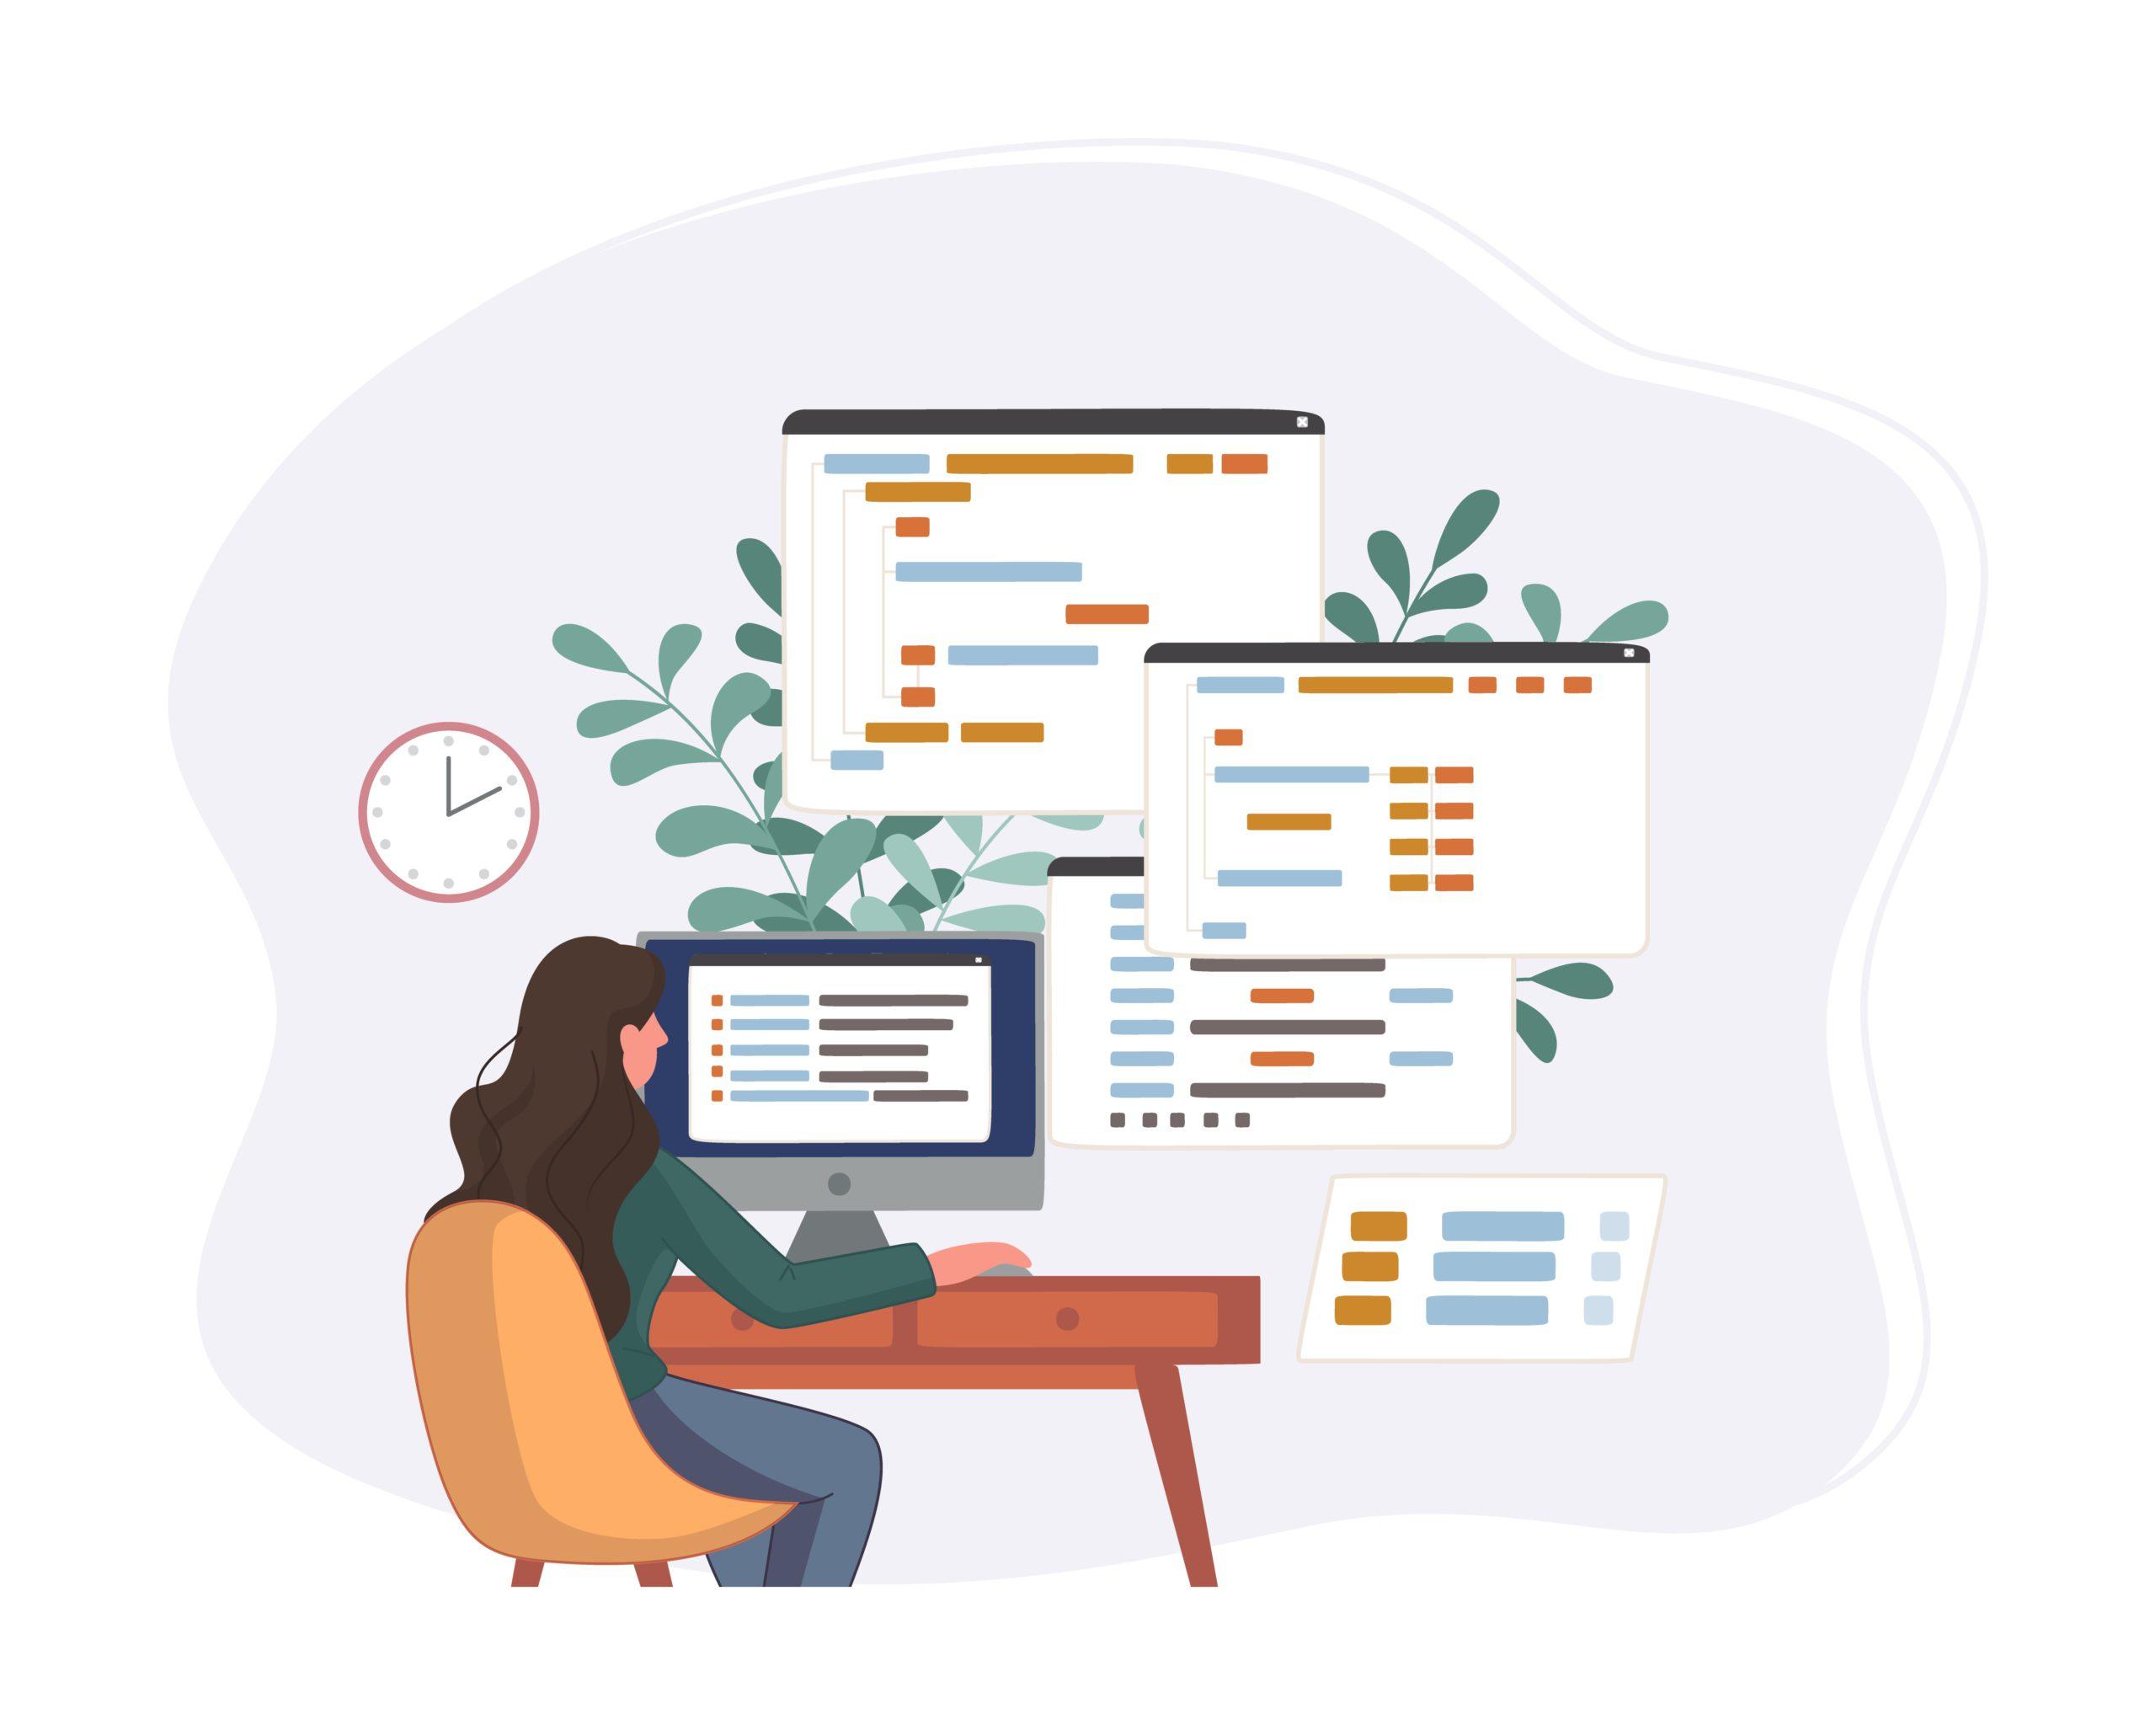 Jenfi-Top 10 website thuê freelancer phù hợp với doanh nghiệp vừa và nhỏ